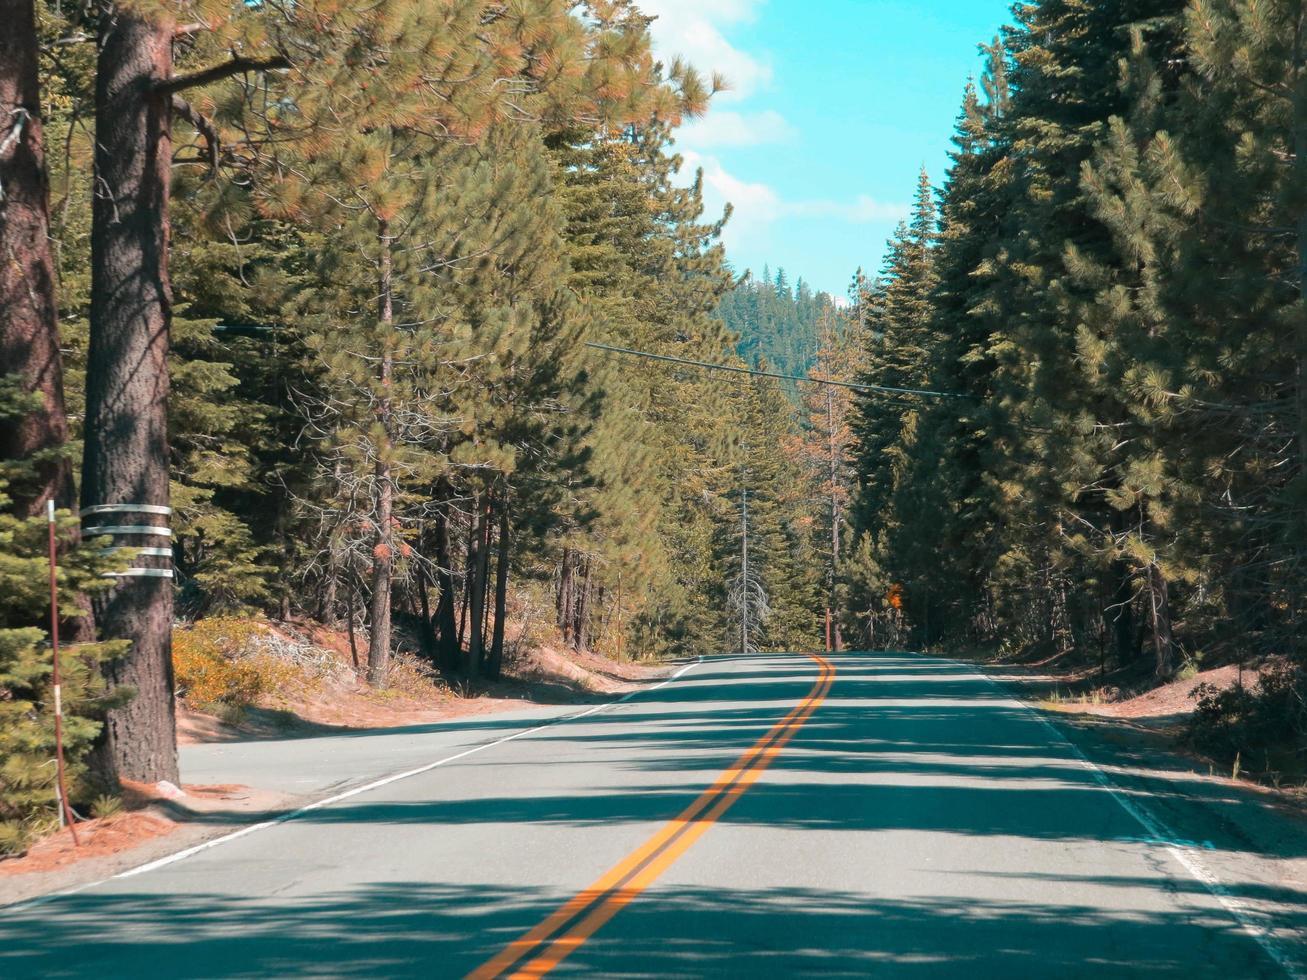 camino con pinos durante el día. foto